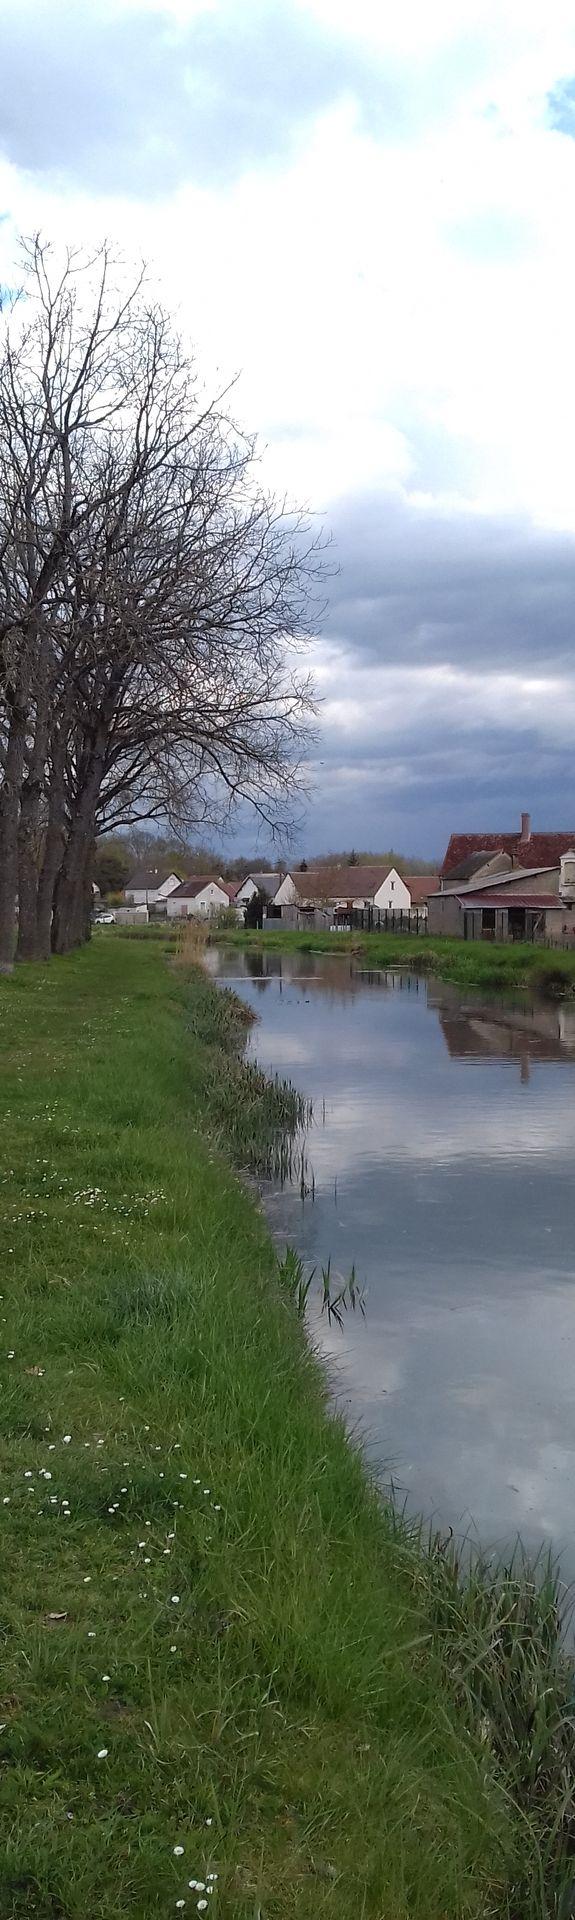 Faverolles (Eure-et-Loir), Indre (département), France